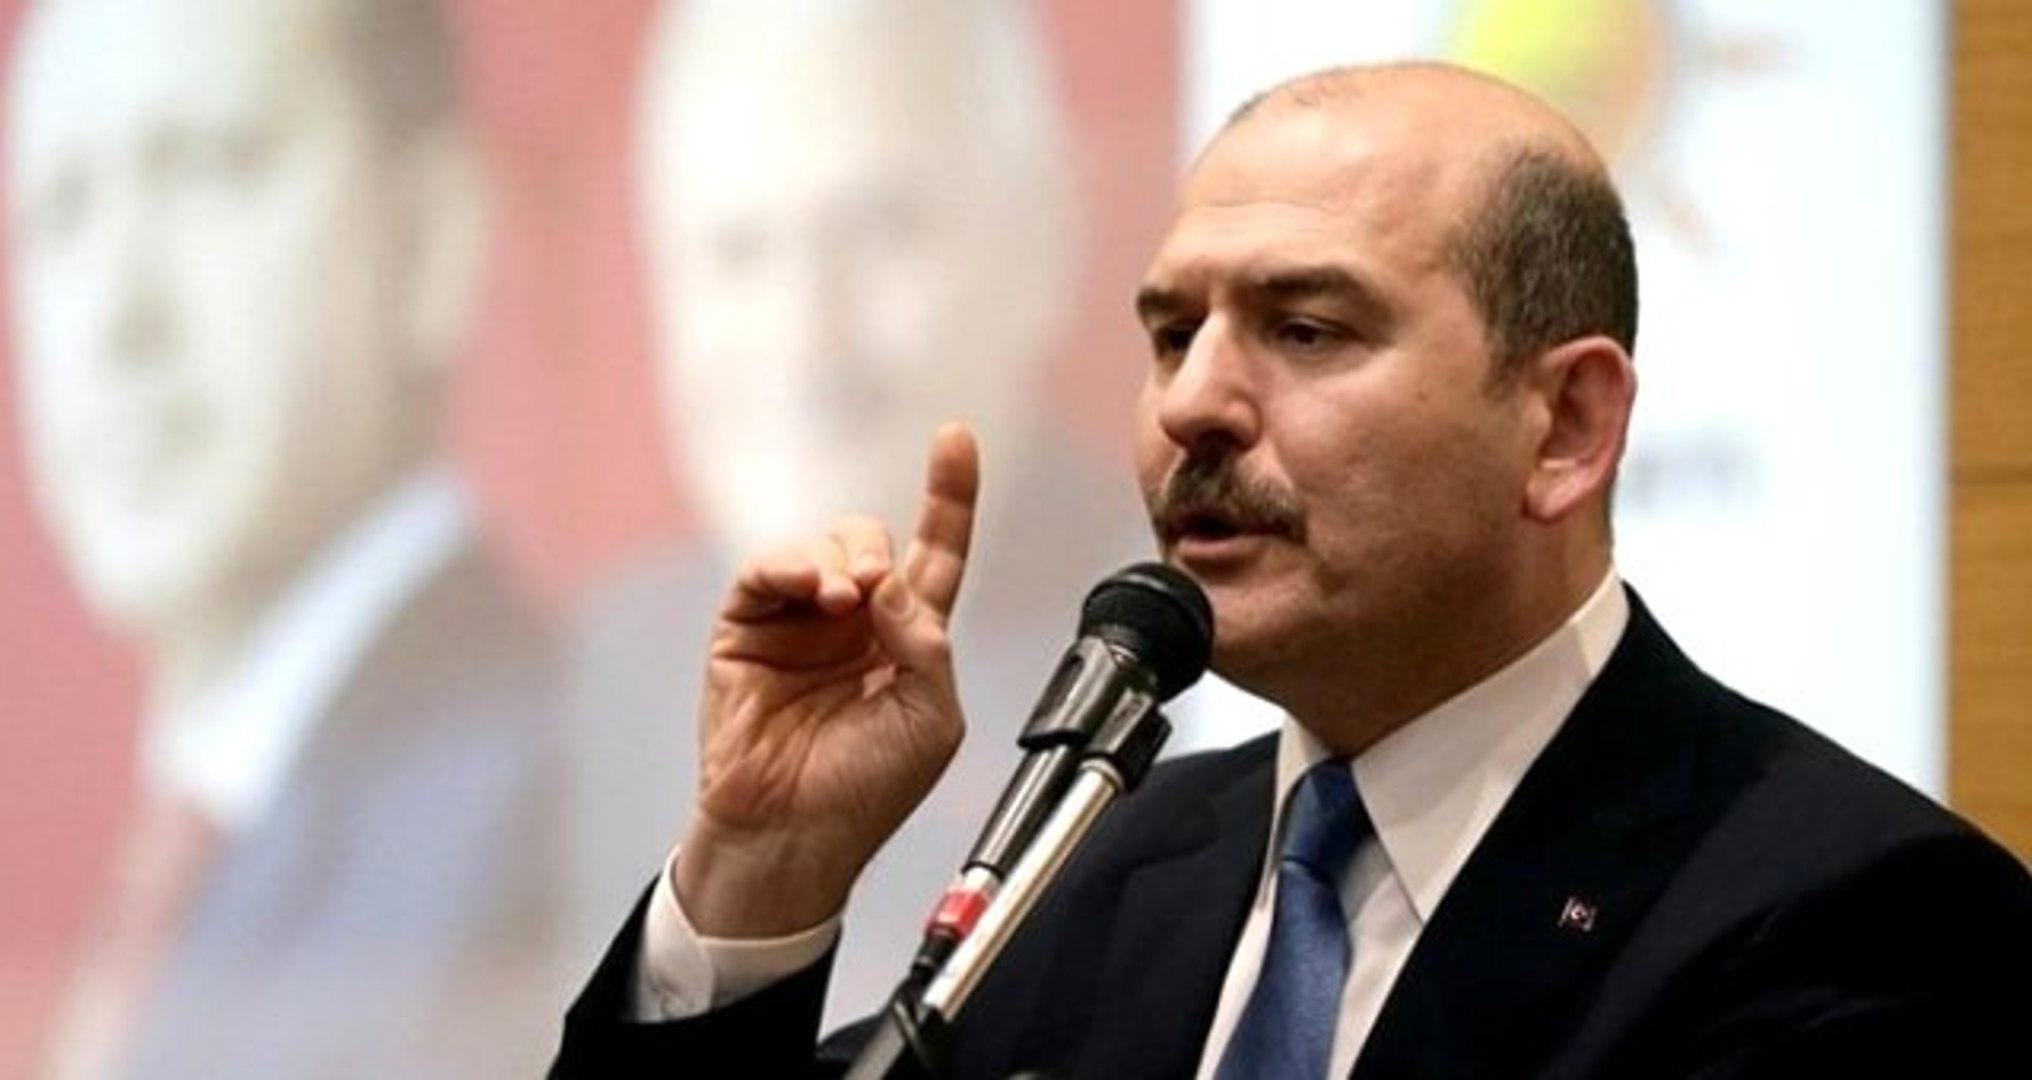 İçişleri Bakanı Soylu'dan Fatih Portakal'a VİP krizi çağrısı: Görüntüler yayınlansın